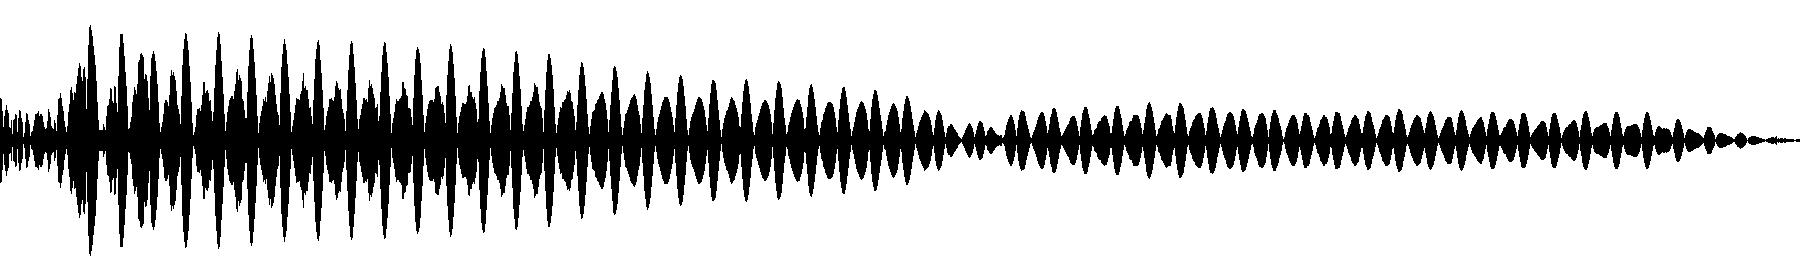 gia sound 11 bb2